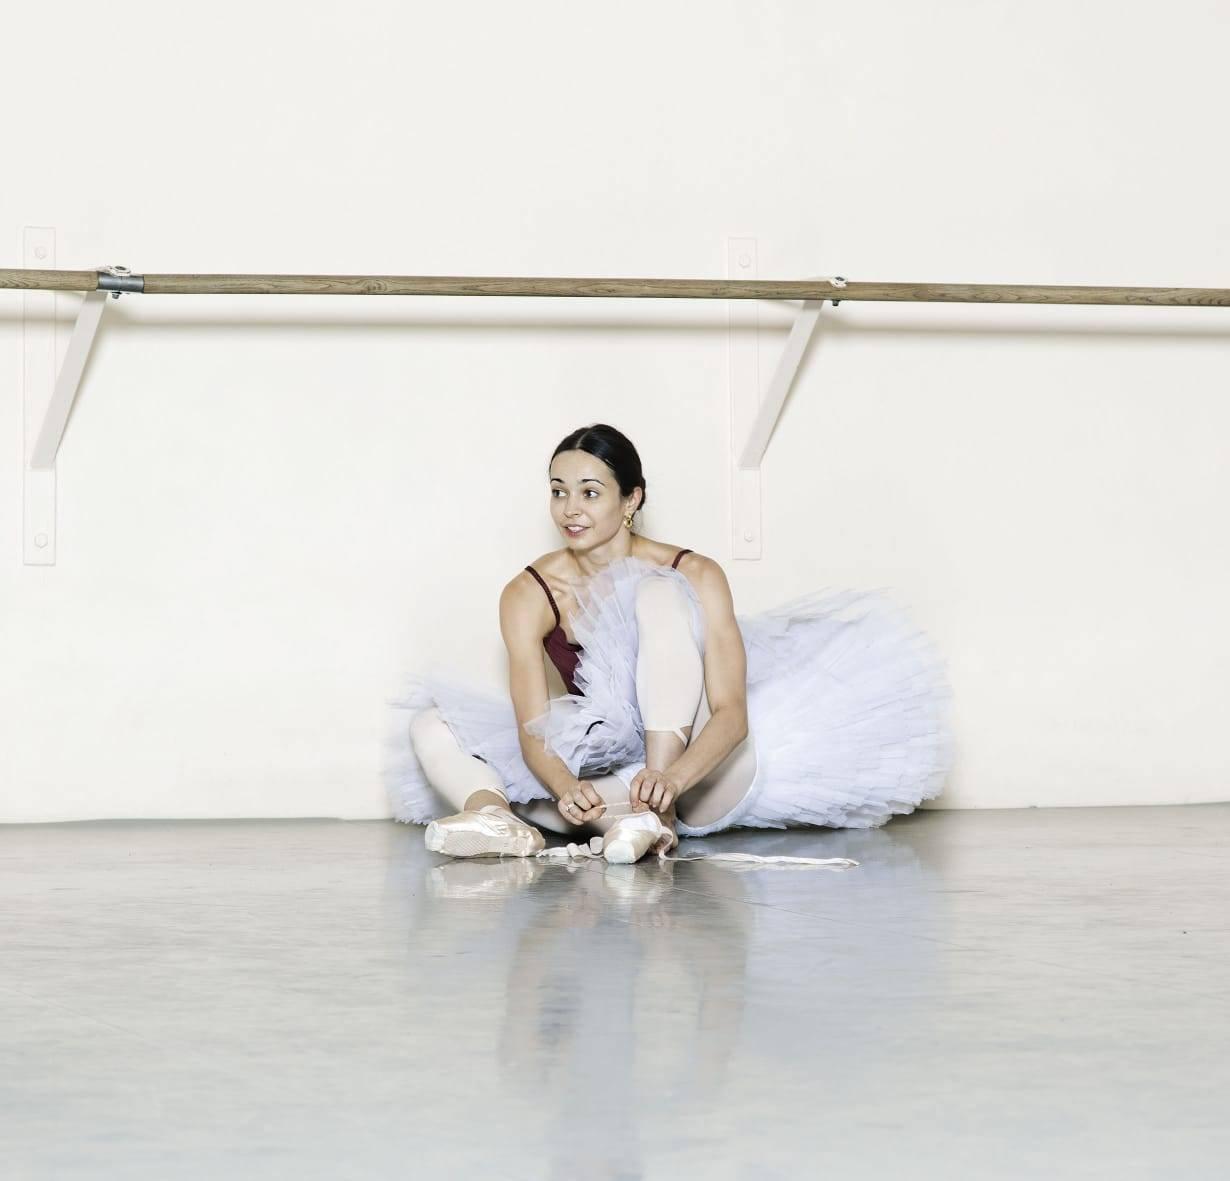 Творческий вечер. Неповторимость русского балета в образах и сюжетах Ольги Котловой.